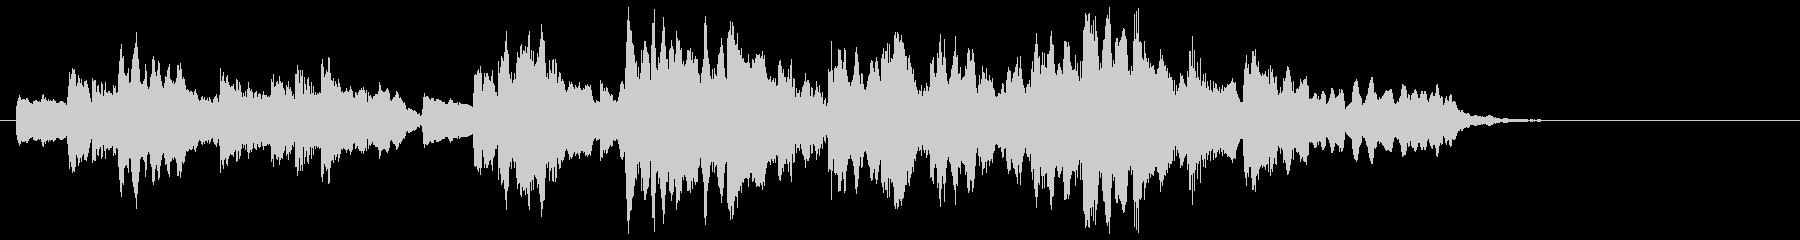 ピアノとフルートのおしゃれなジングルの未再生の波形